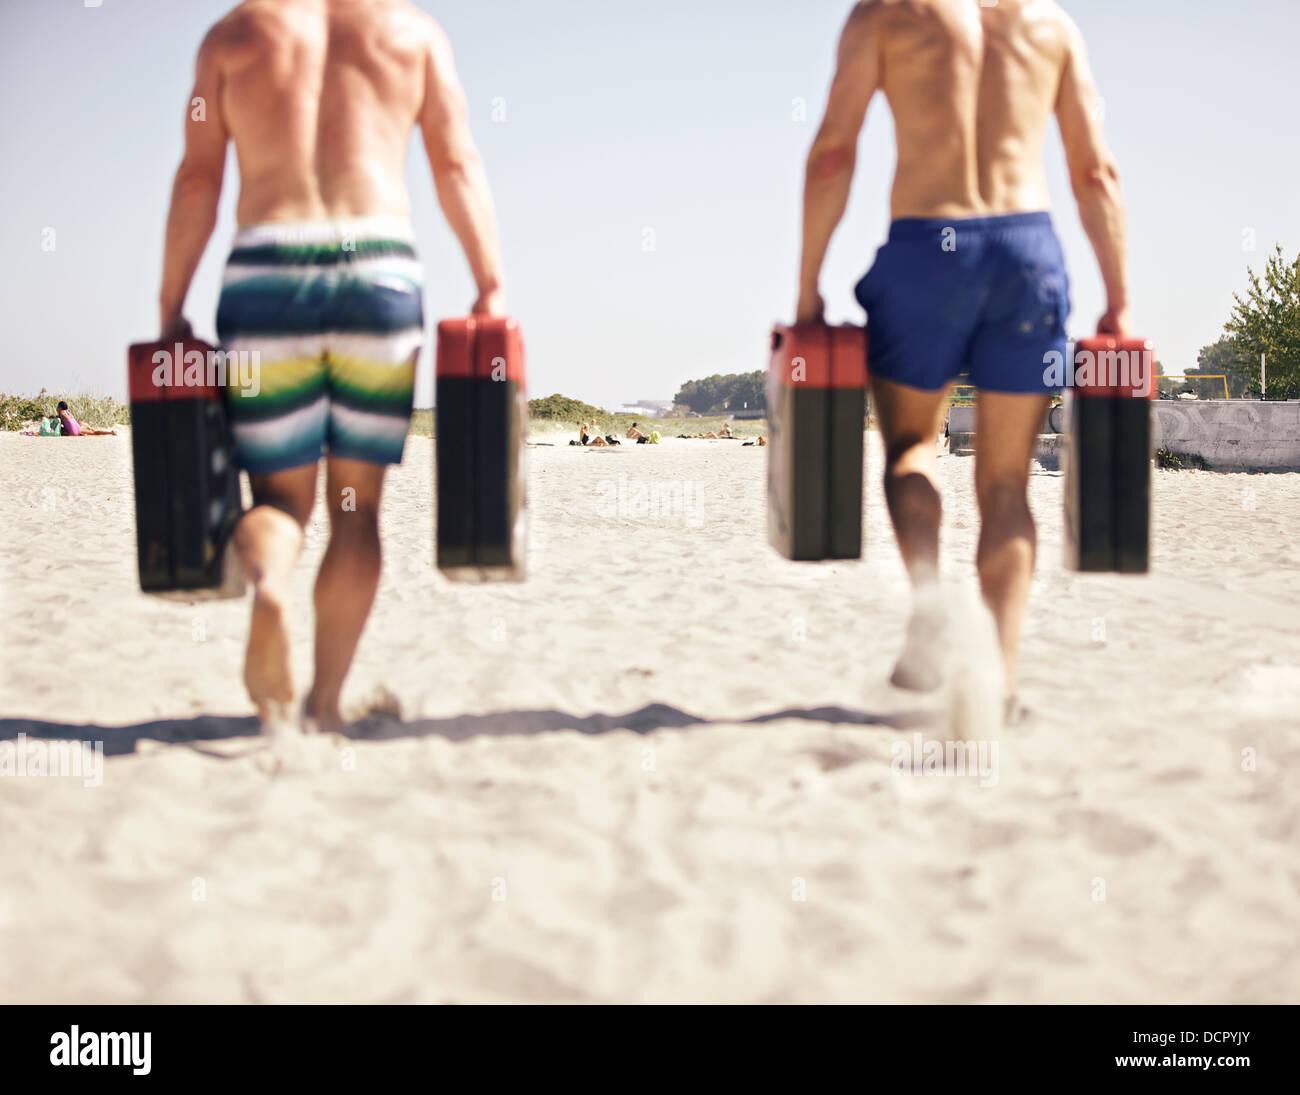 Dos hombres corriendo con bidones como parte de crossfit games Imagen De Stock